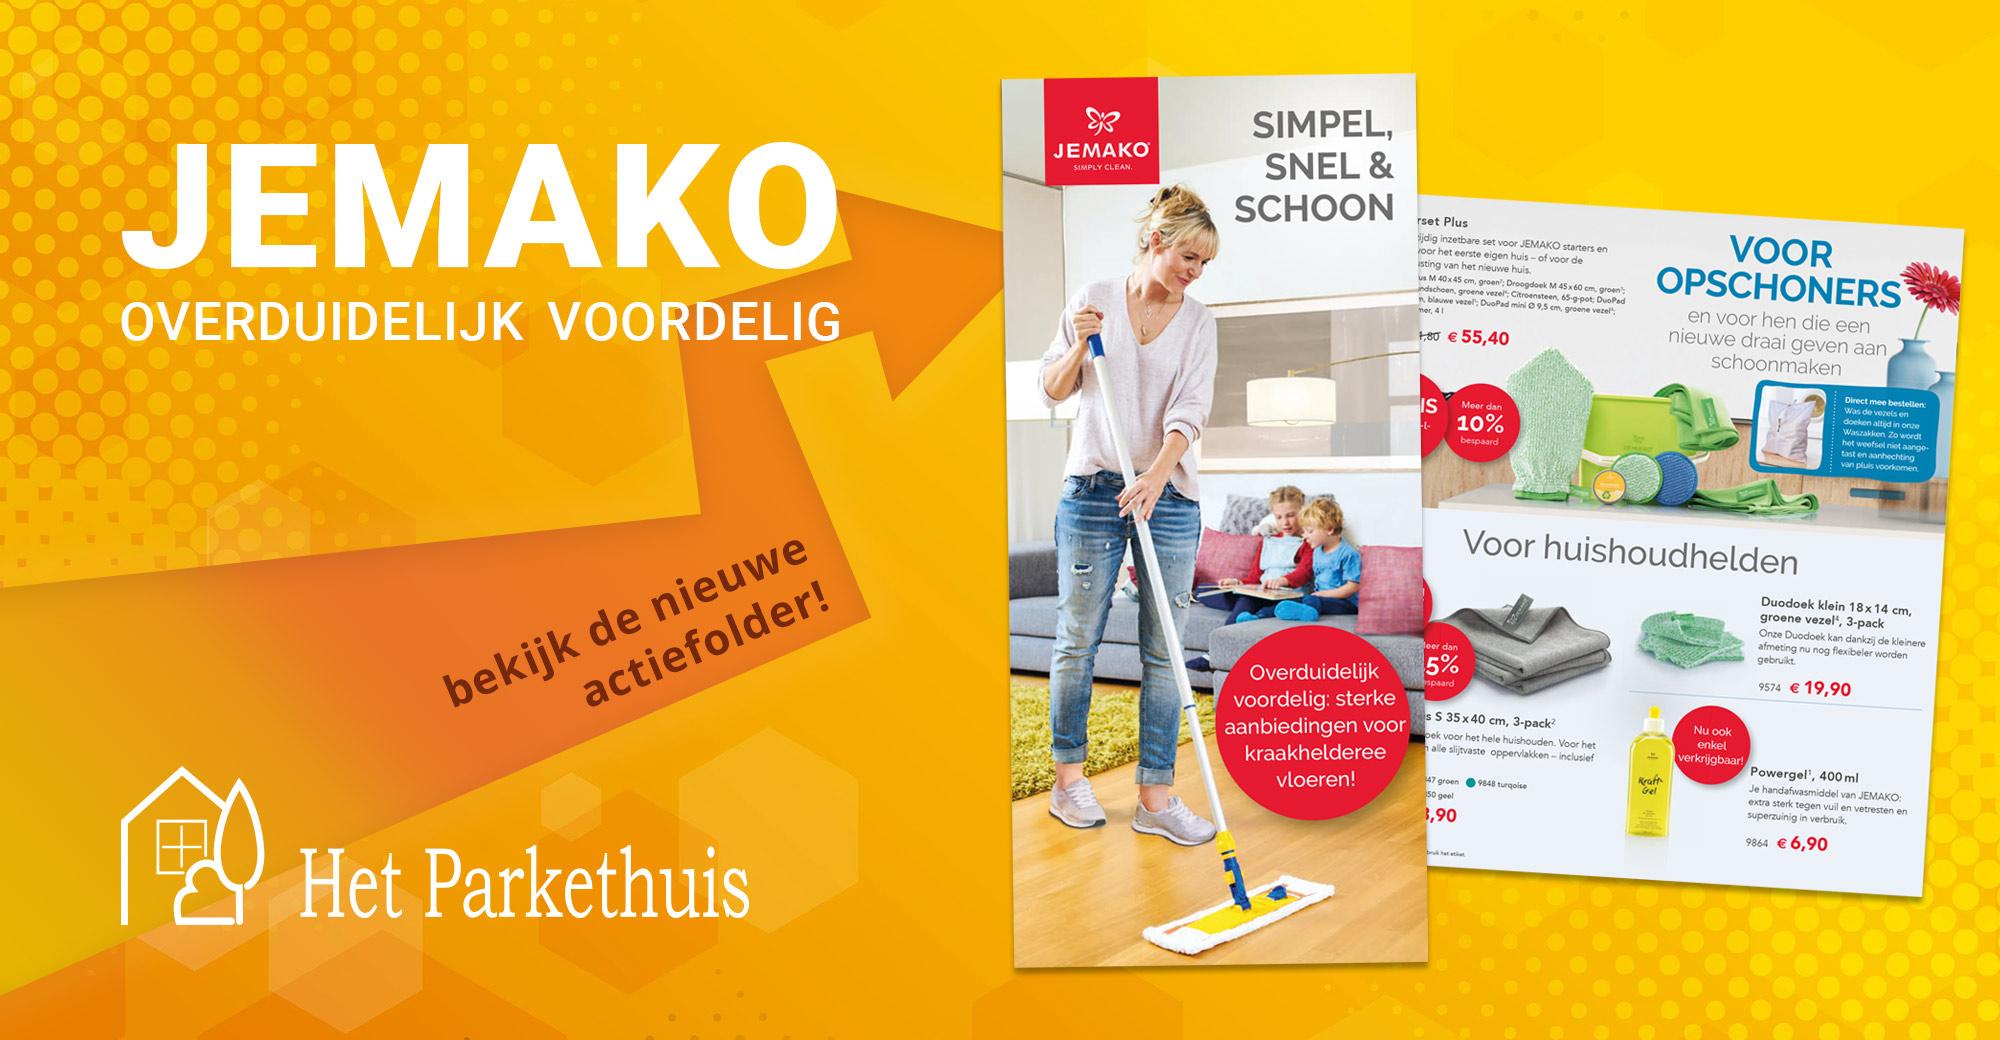 Mooie kortingen en gratis producten bij de nieuwe actie van JEMAKO: 'Simpel, snel & schoon'